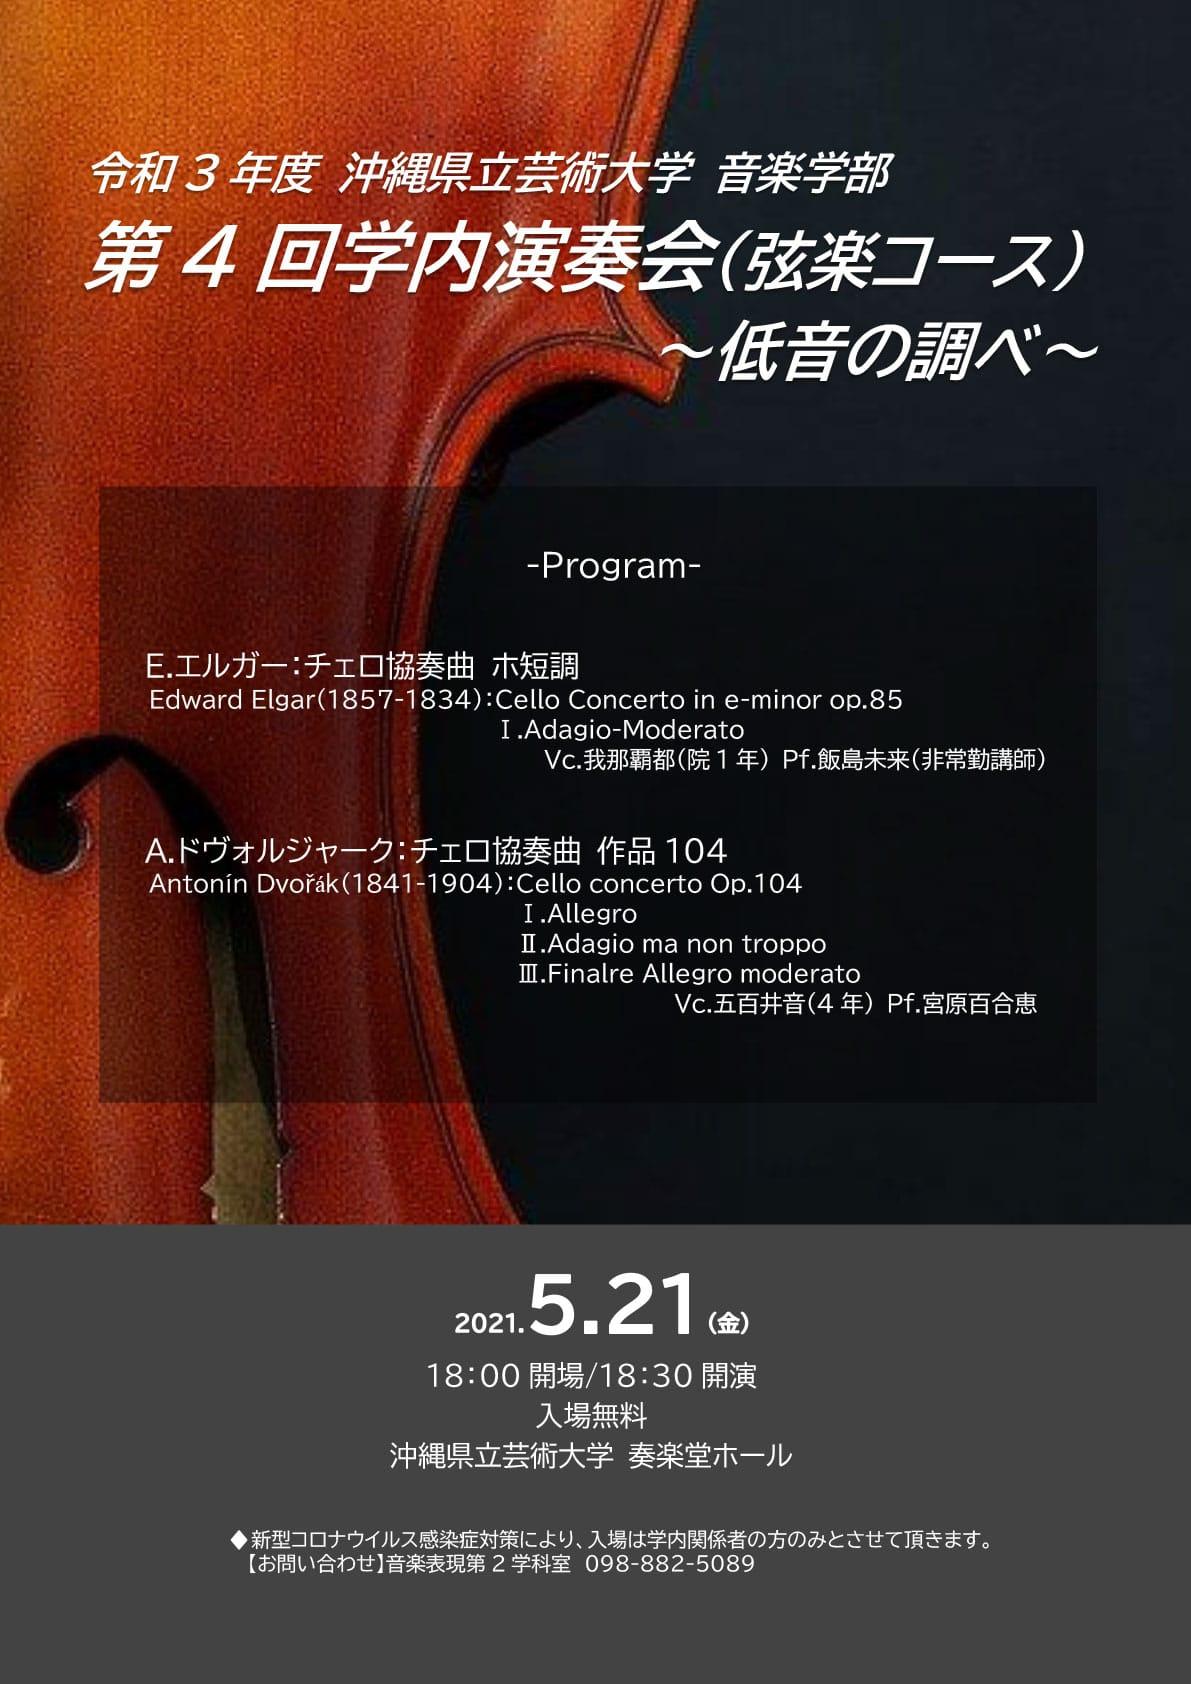 [フライヤー]第3回学内演奏会(弦楽コース)〜低音の調べ〜